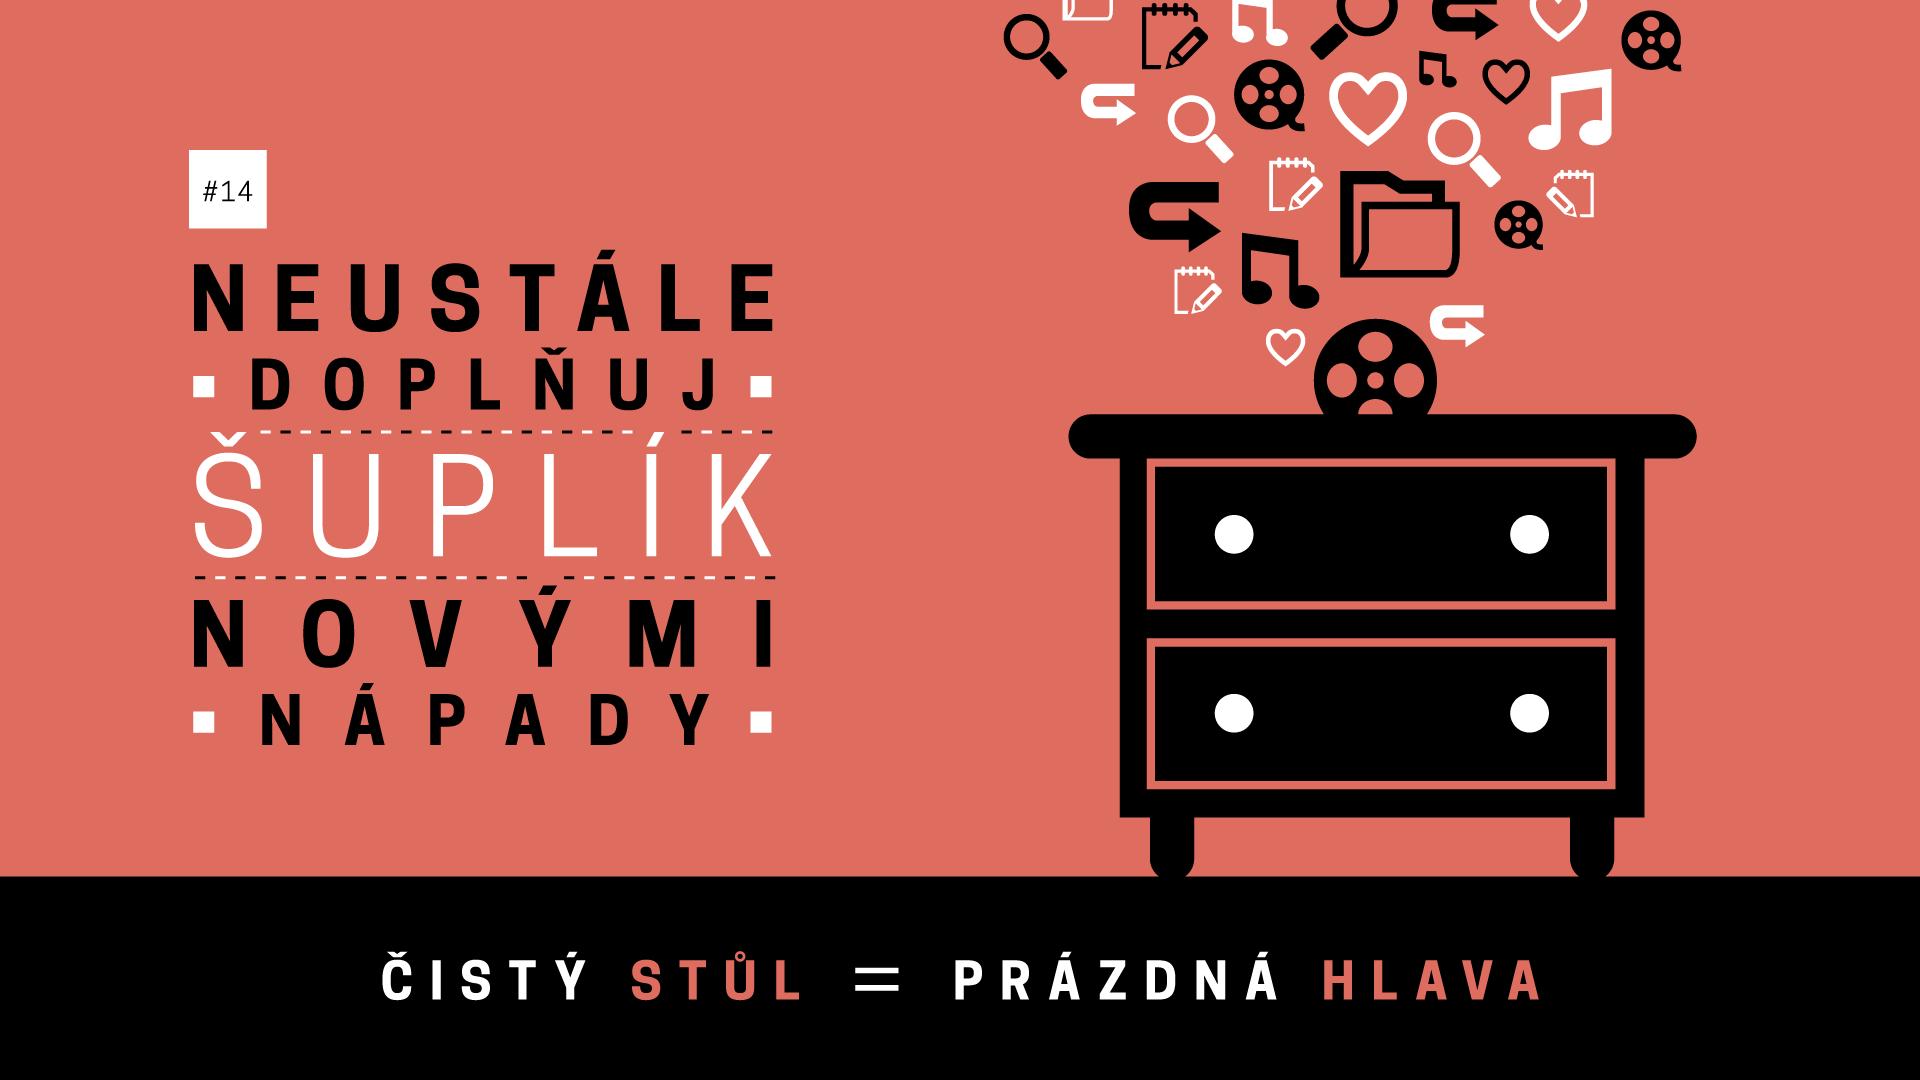 Jan Konečný - Neustále doplňuj šuplík novými nápady - TIP #14